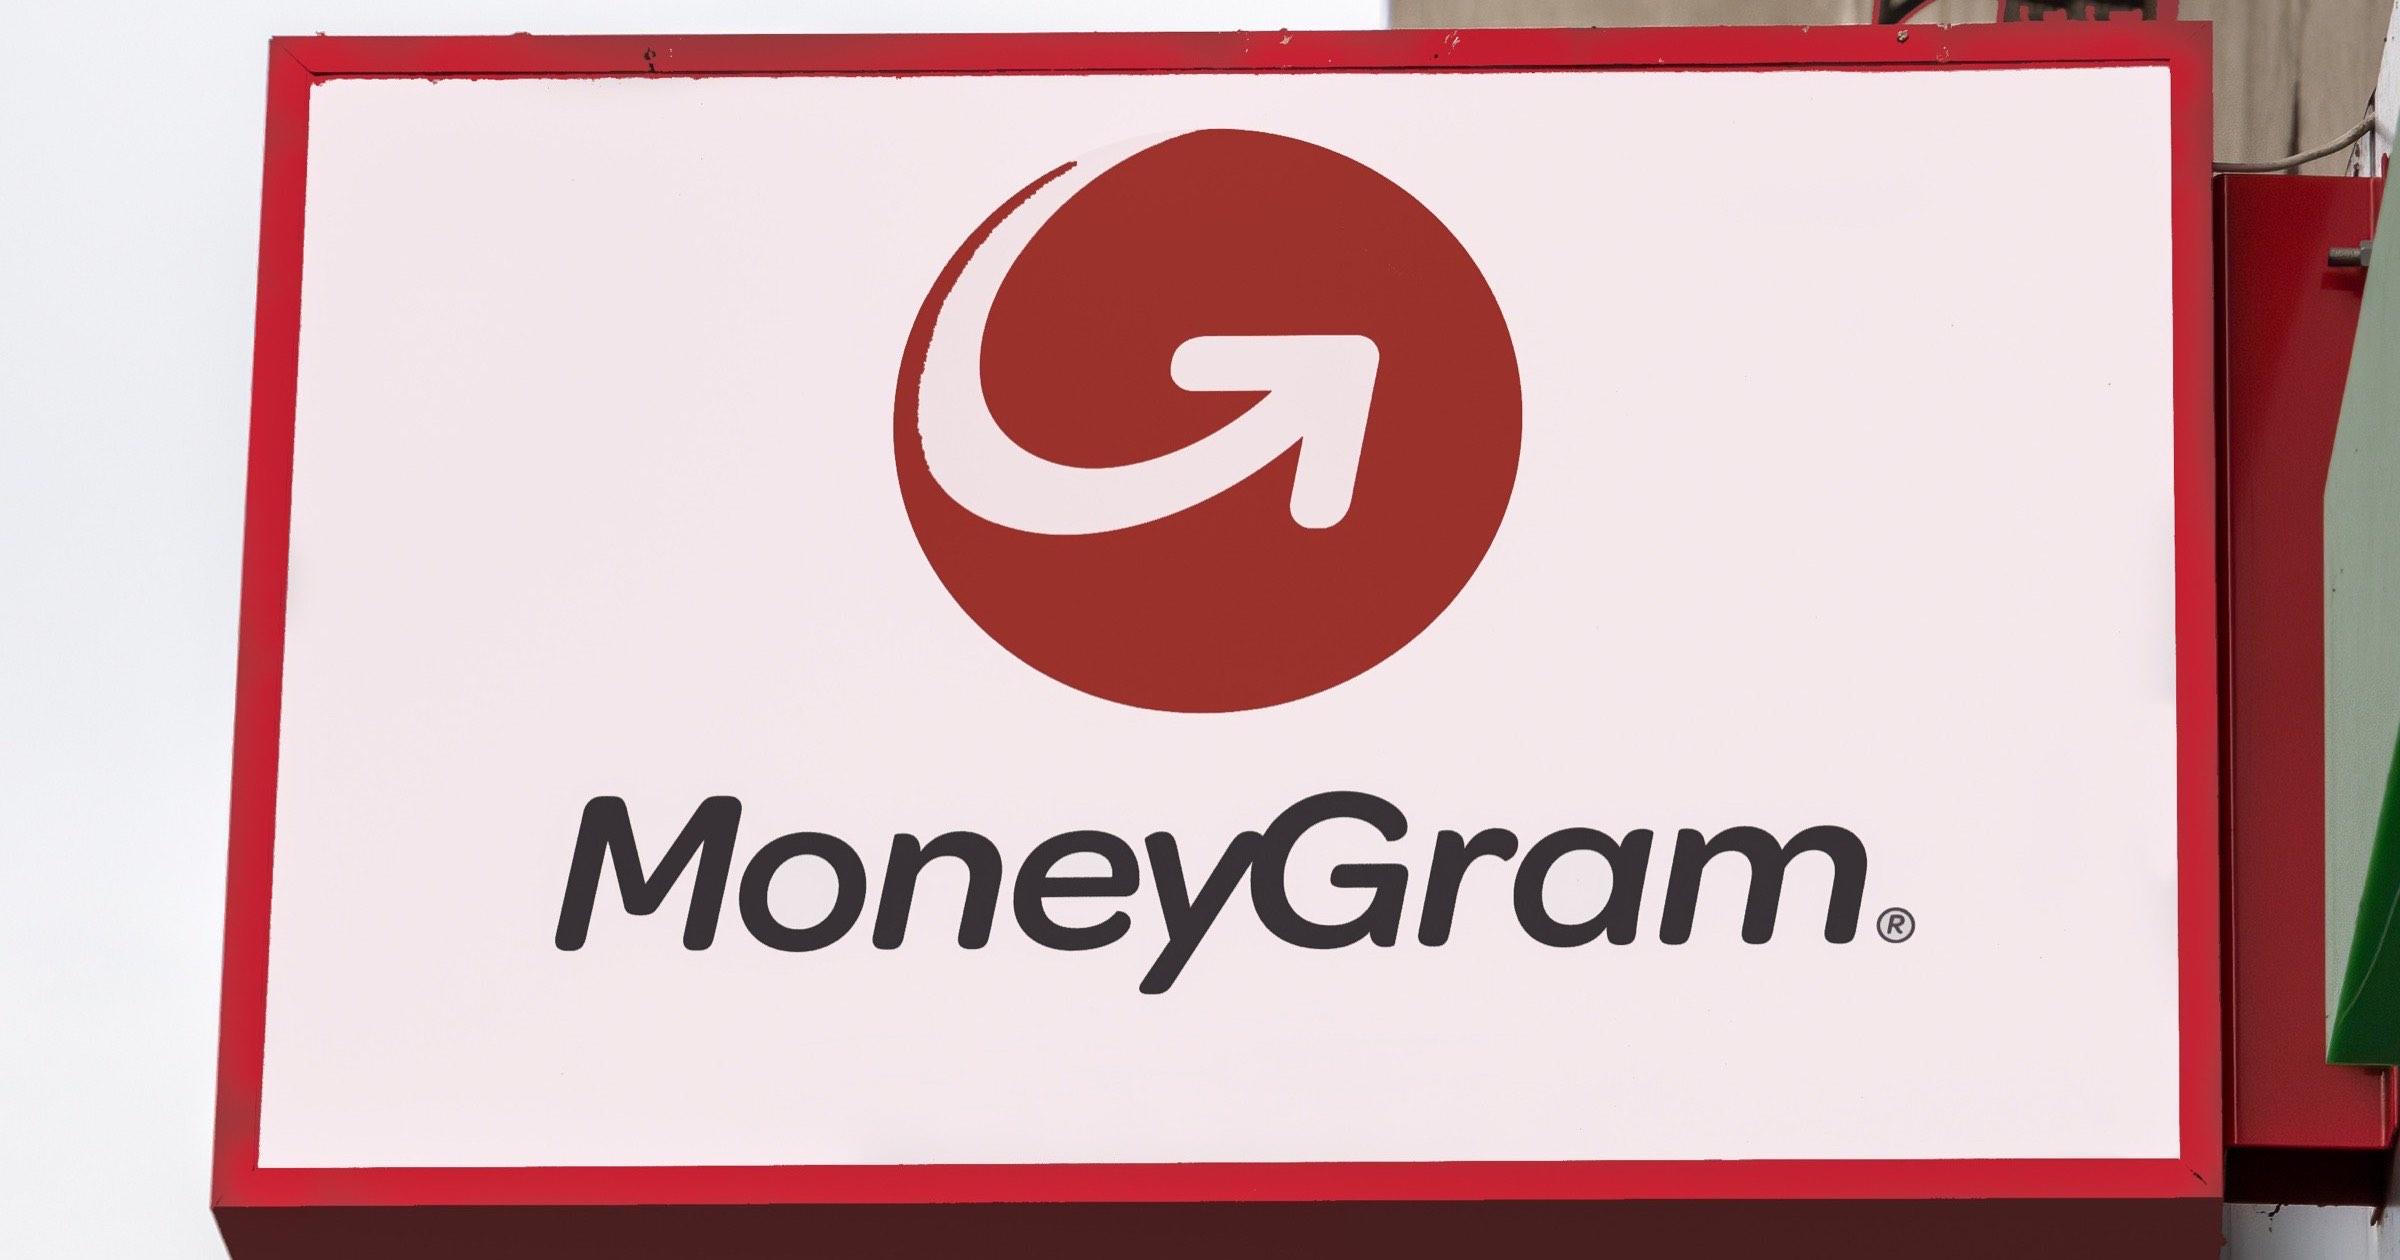 MoneyGram sign